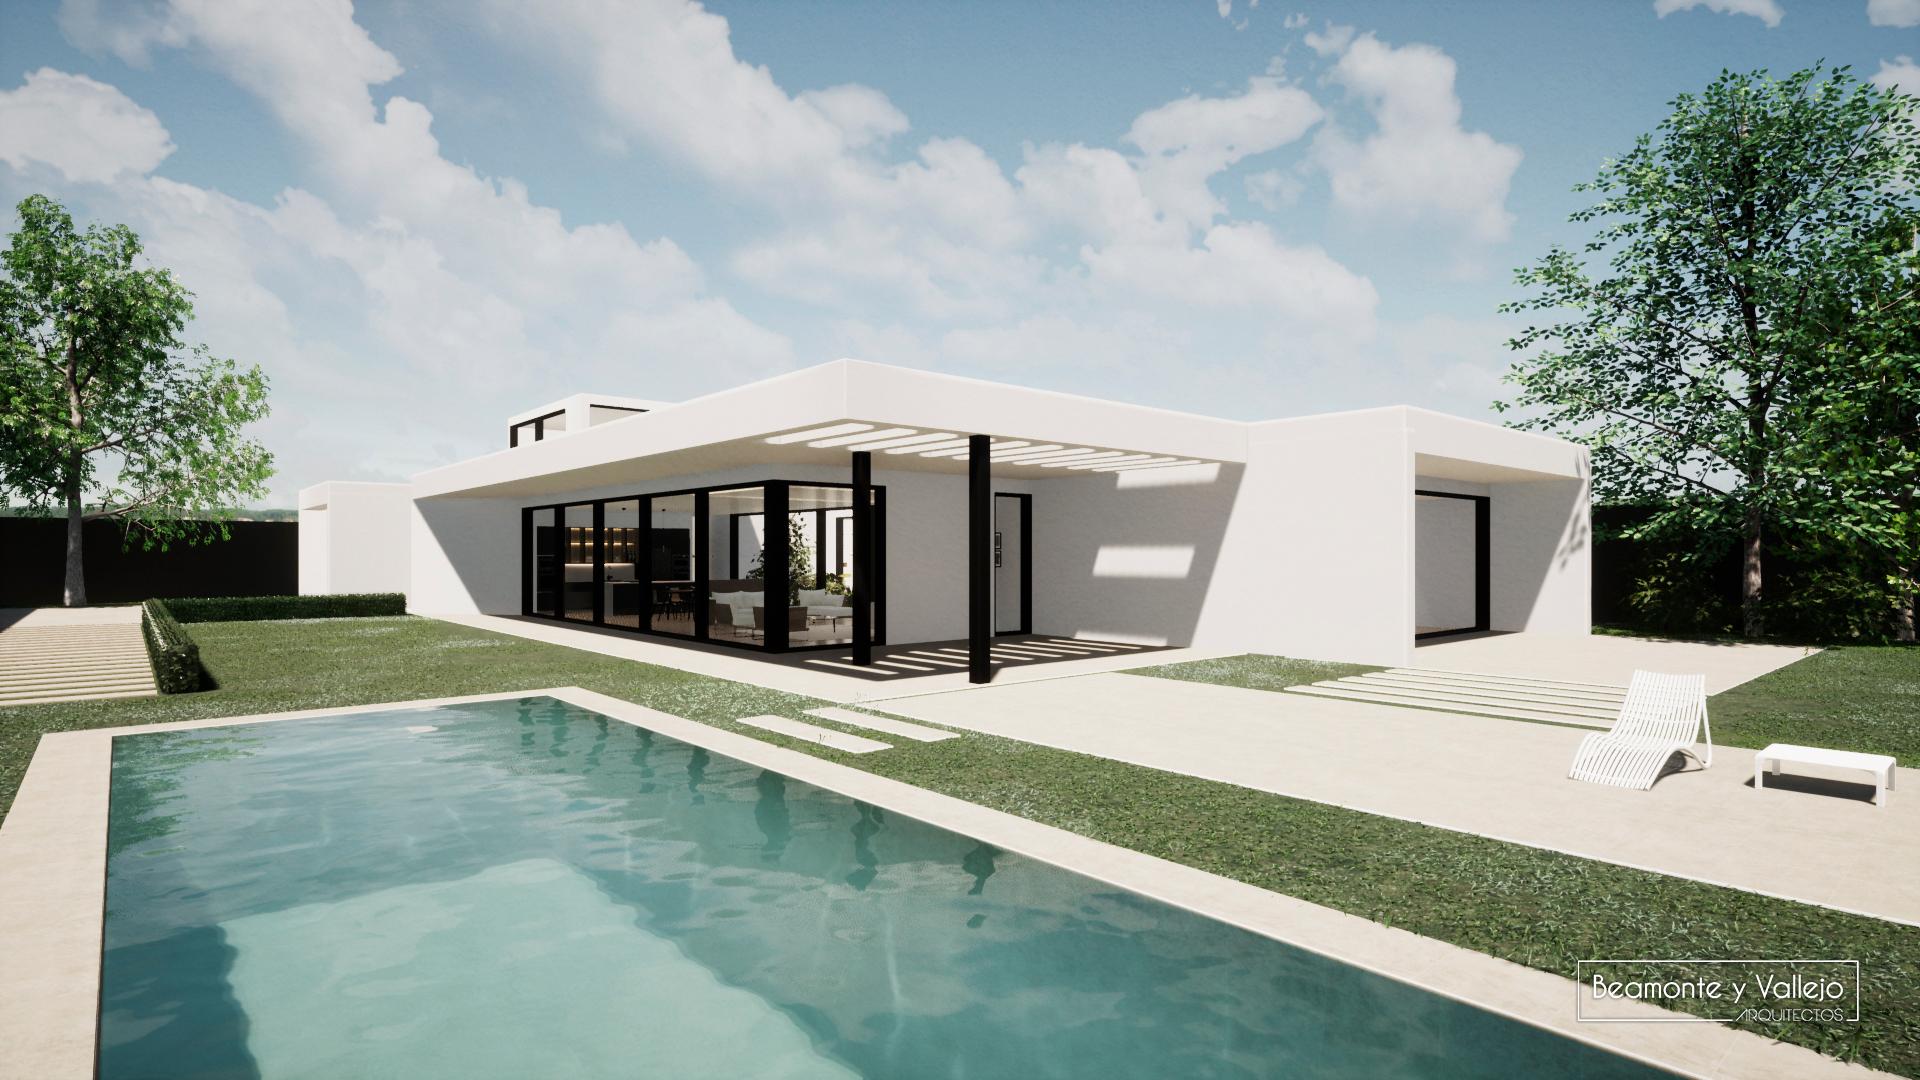 Beamonte y Vallejo Arquitectos - Passivhaus Zorongo I - 5